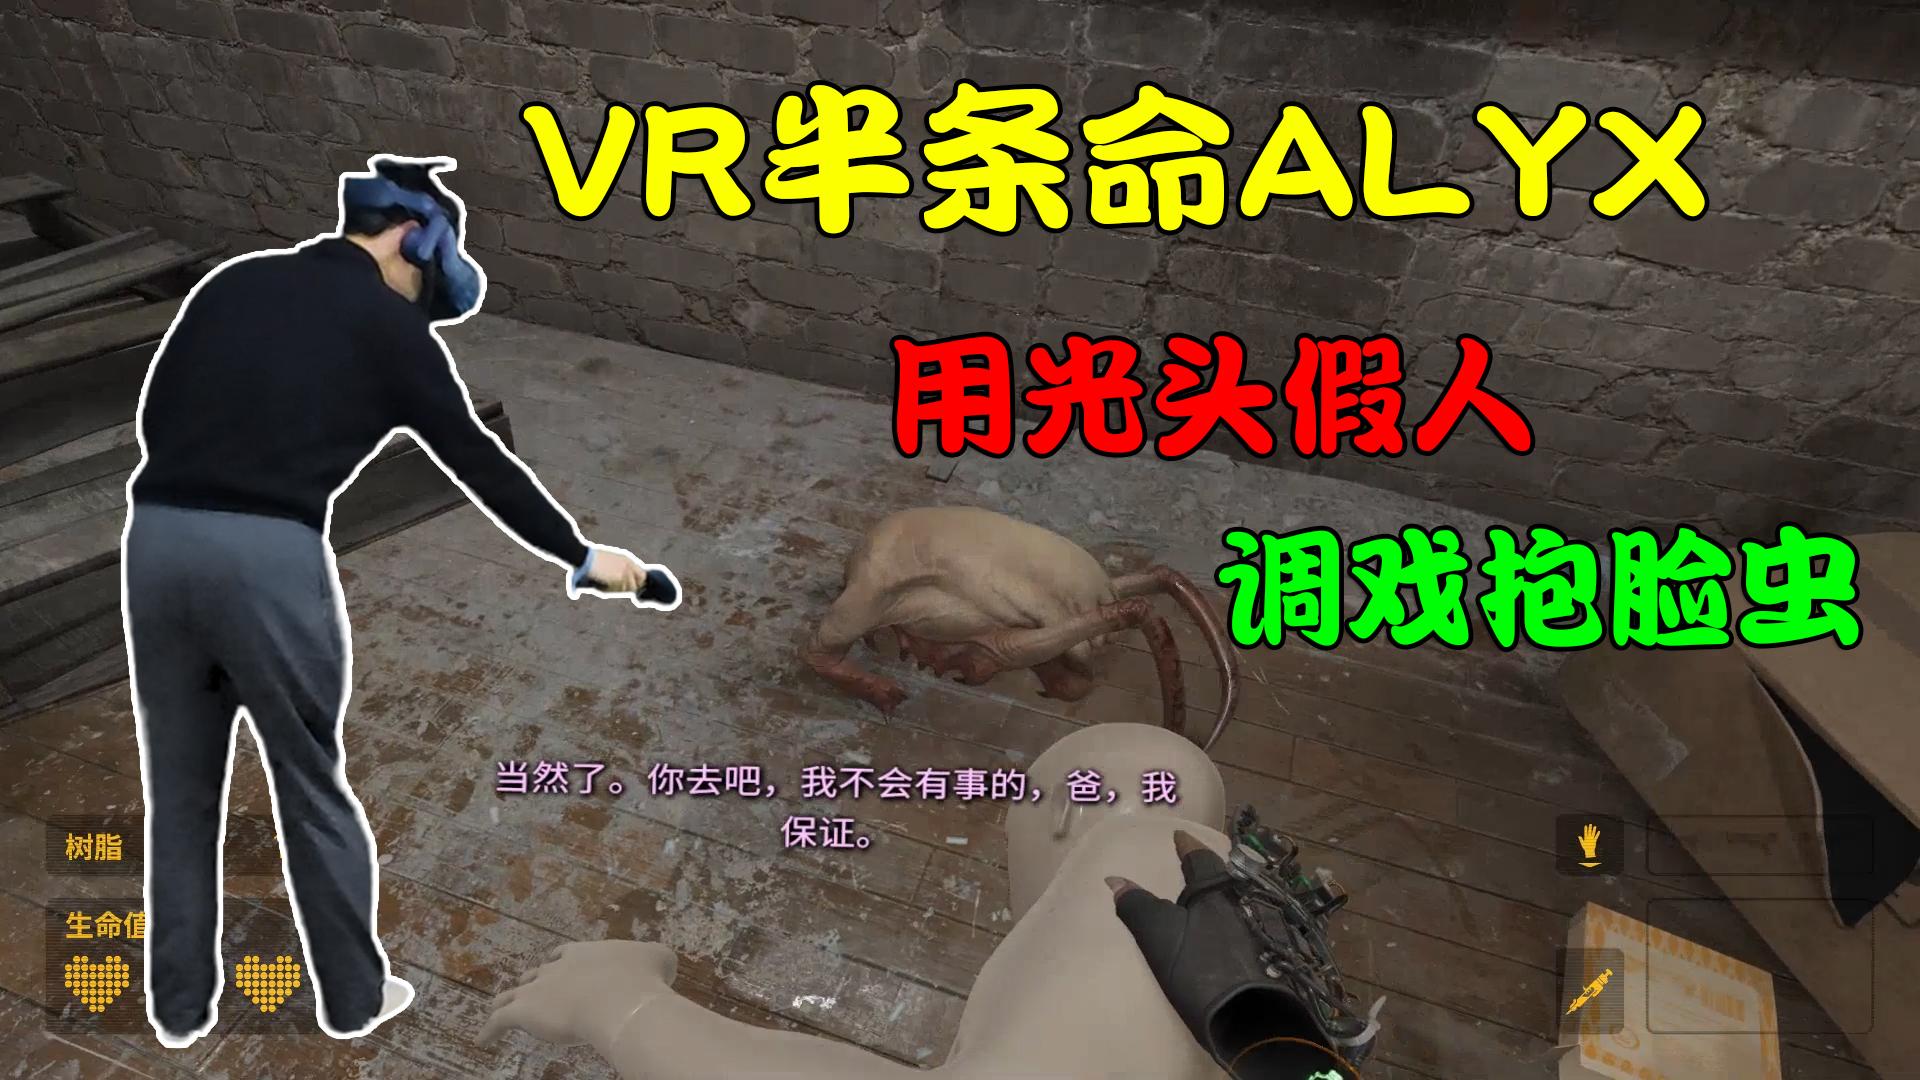 VR半条命alyx:用光头假人调戏抱脸虫?主角全能的都可以排雷了